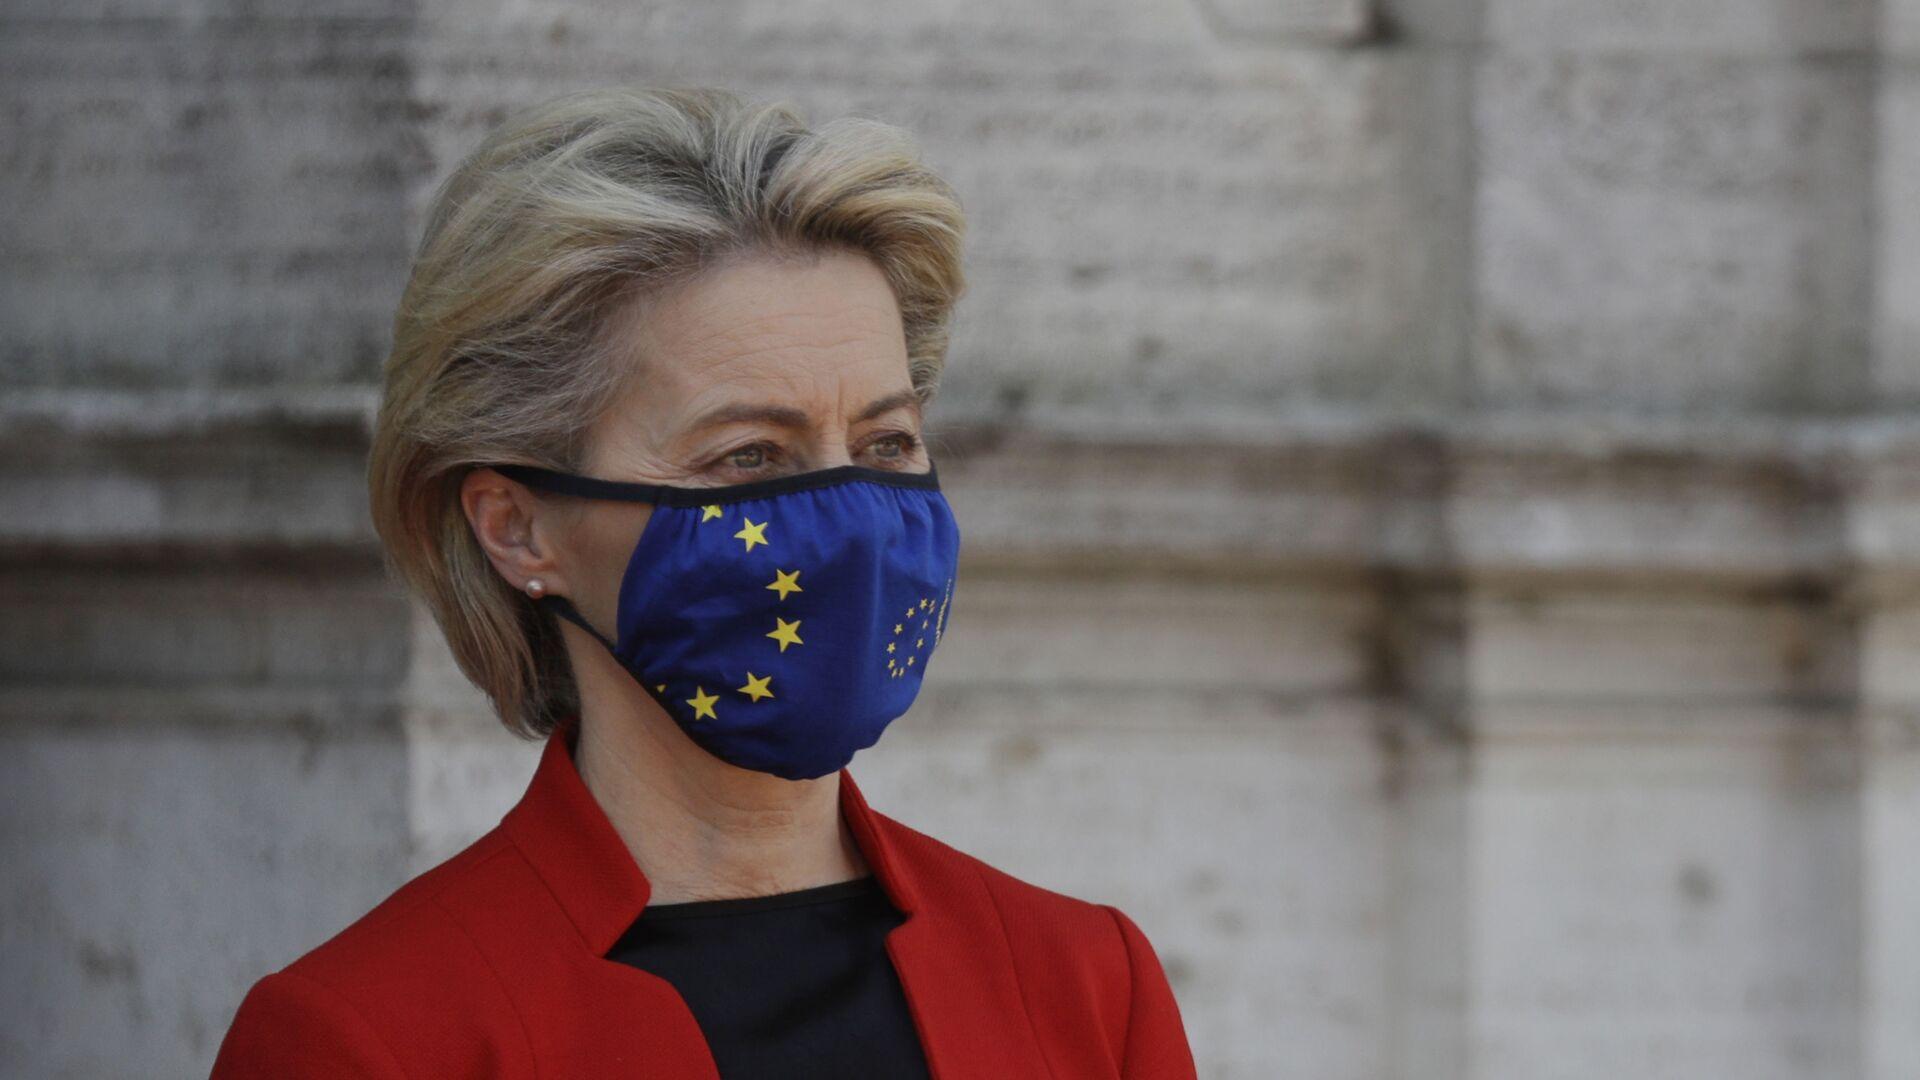 Předsedkyně Evropské komise Ursula von der Leyenová. - Sputnik Česká republika, 1920, 17.07.2021